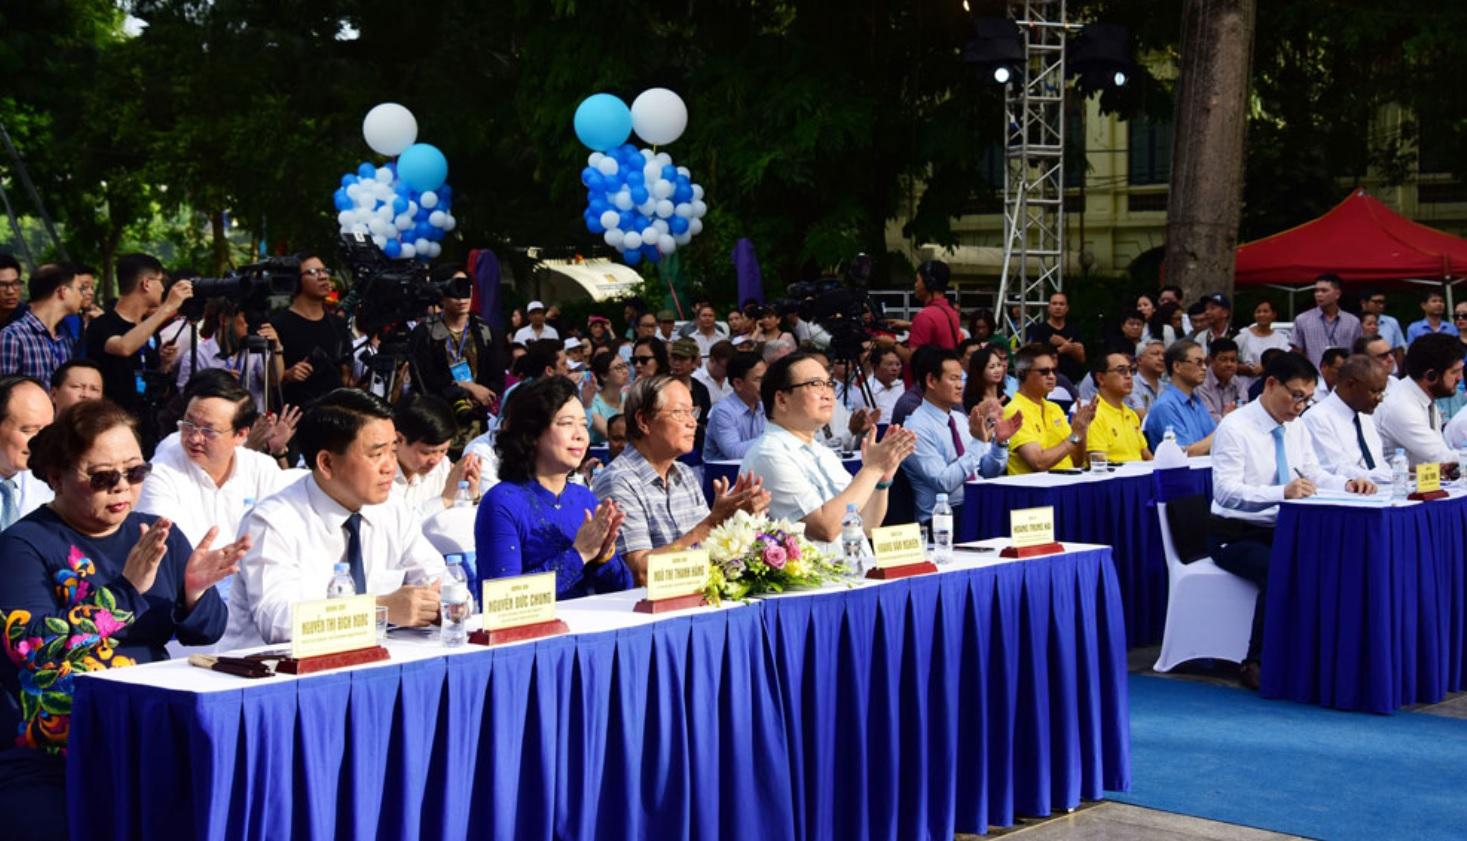 """Các đồng chí lãnh đạo dự Lễ kỷ niệm 20 năm Thành phố Hà Nội được UNESCO trao tặng danh hiệu """"Thành phố Vì hoà bình""""."""